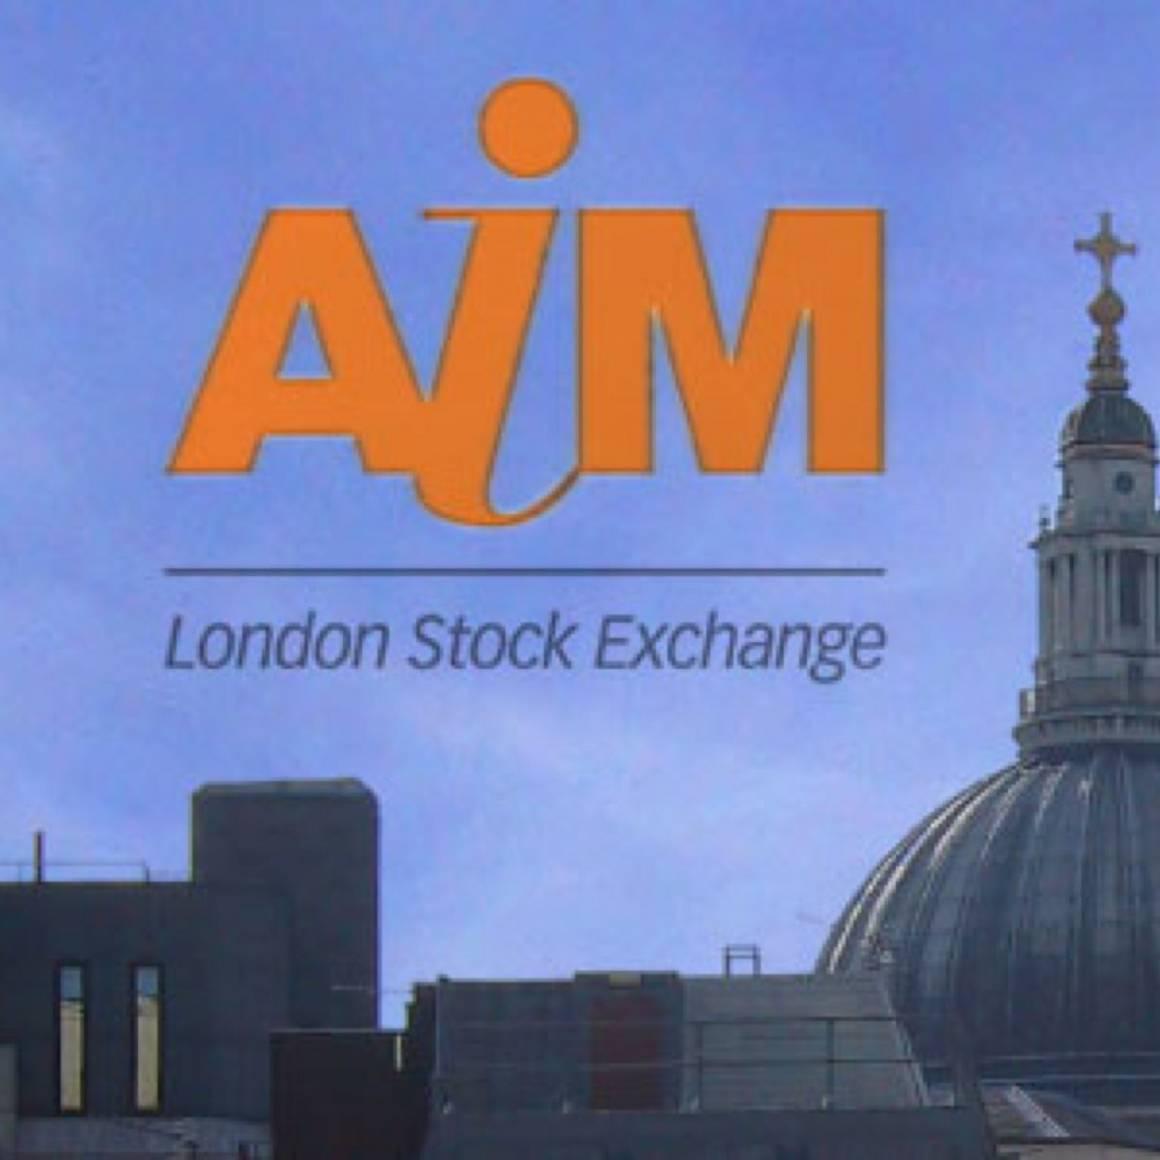 aim 1160x1160 - SEC -PR e comunicazione integrata- quotata all'AIM UK